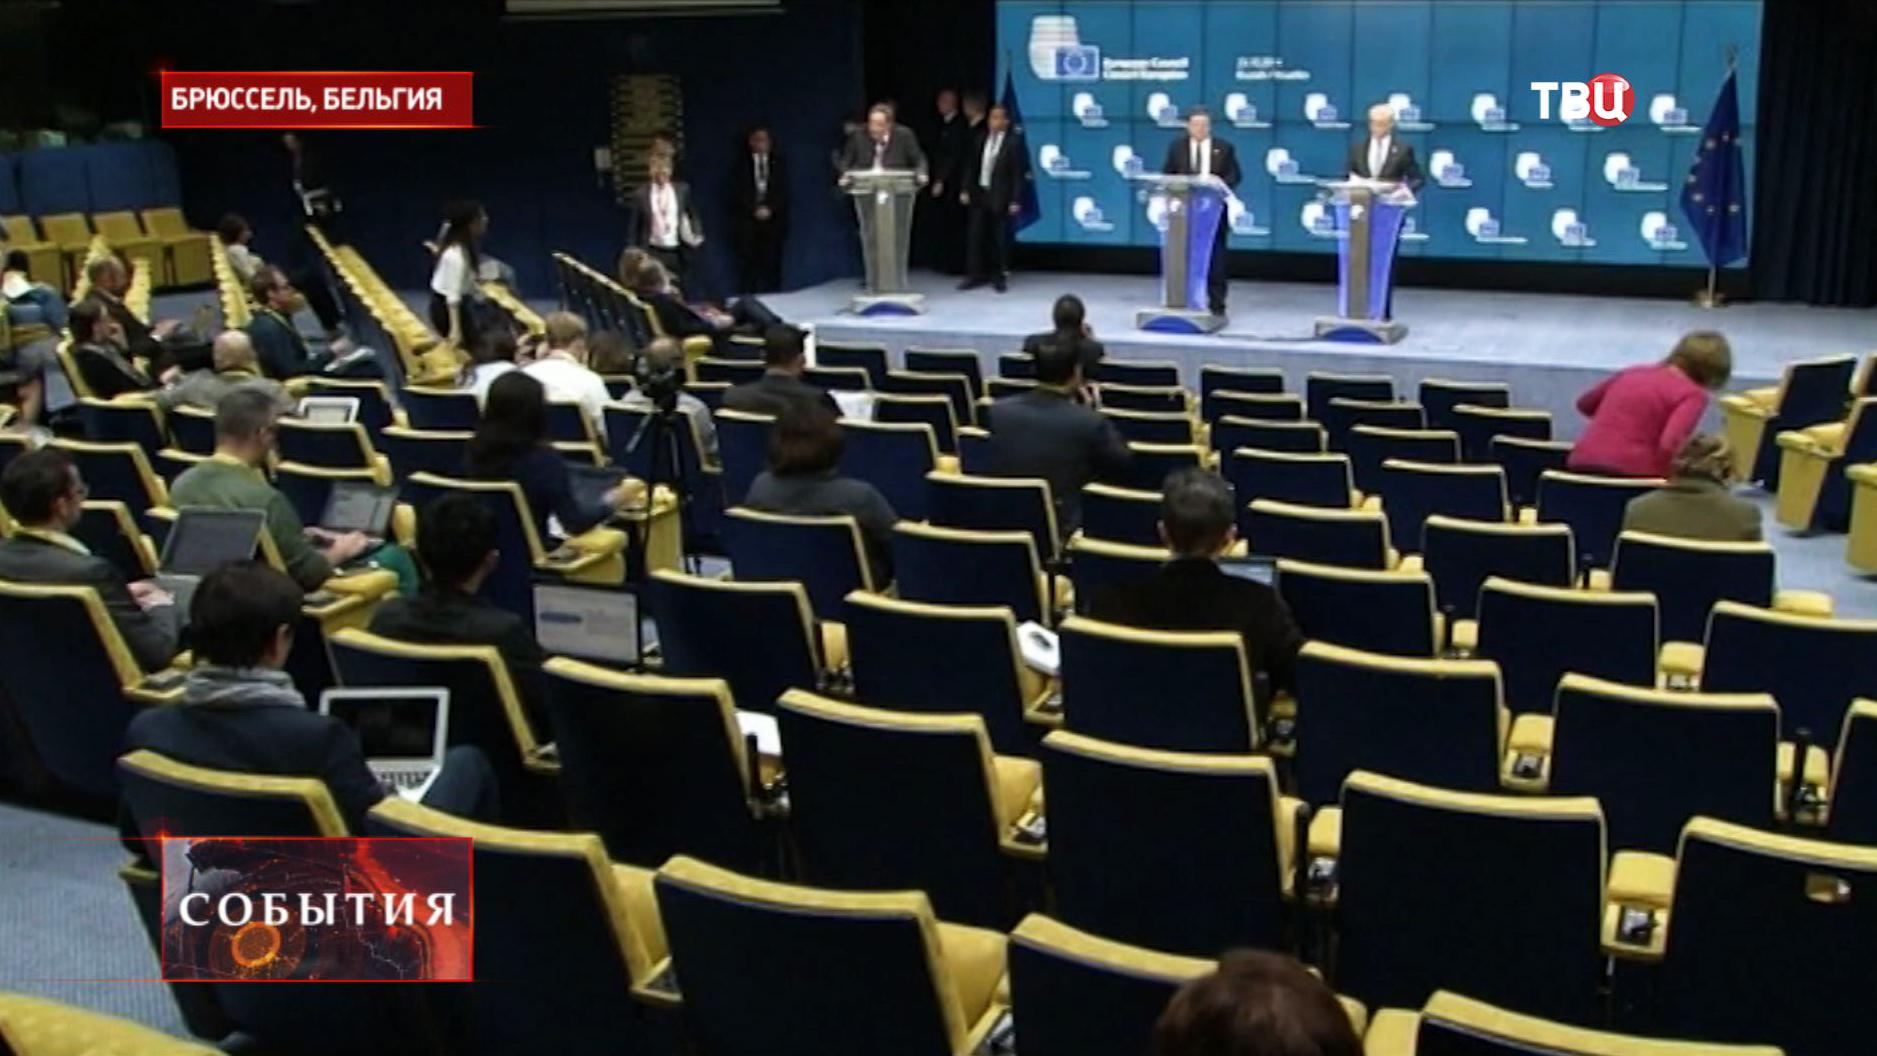 Пресс-конференция в Европарламенте в Брюсселе